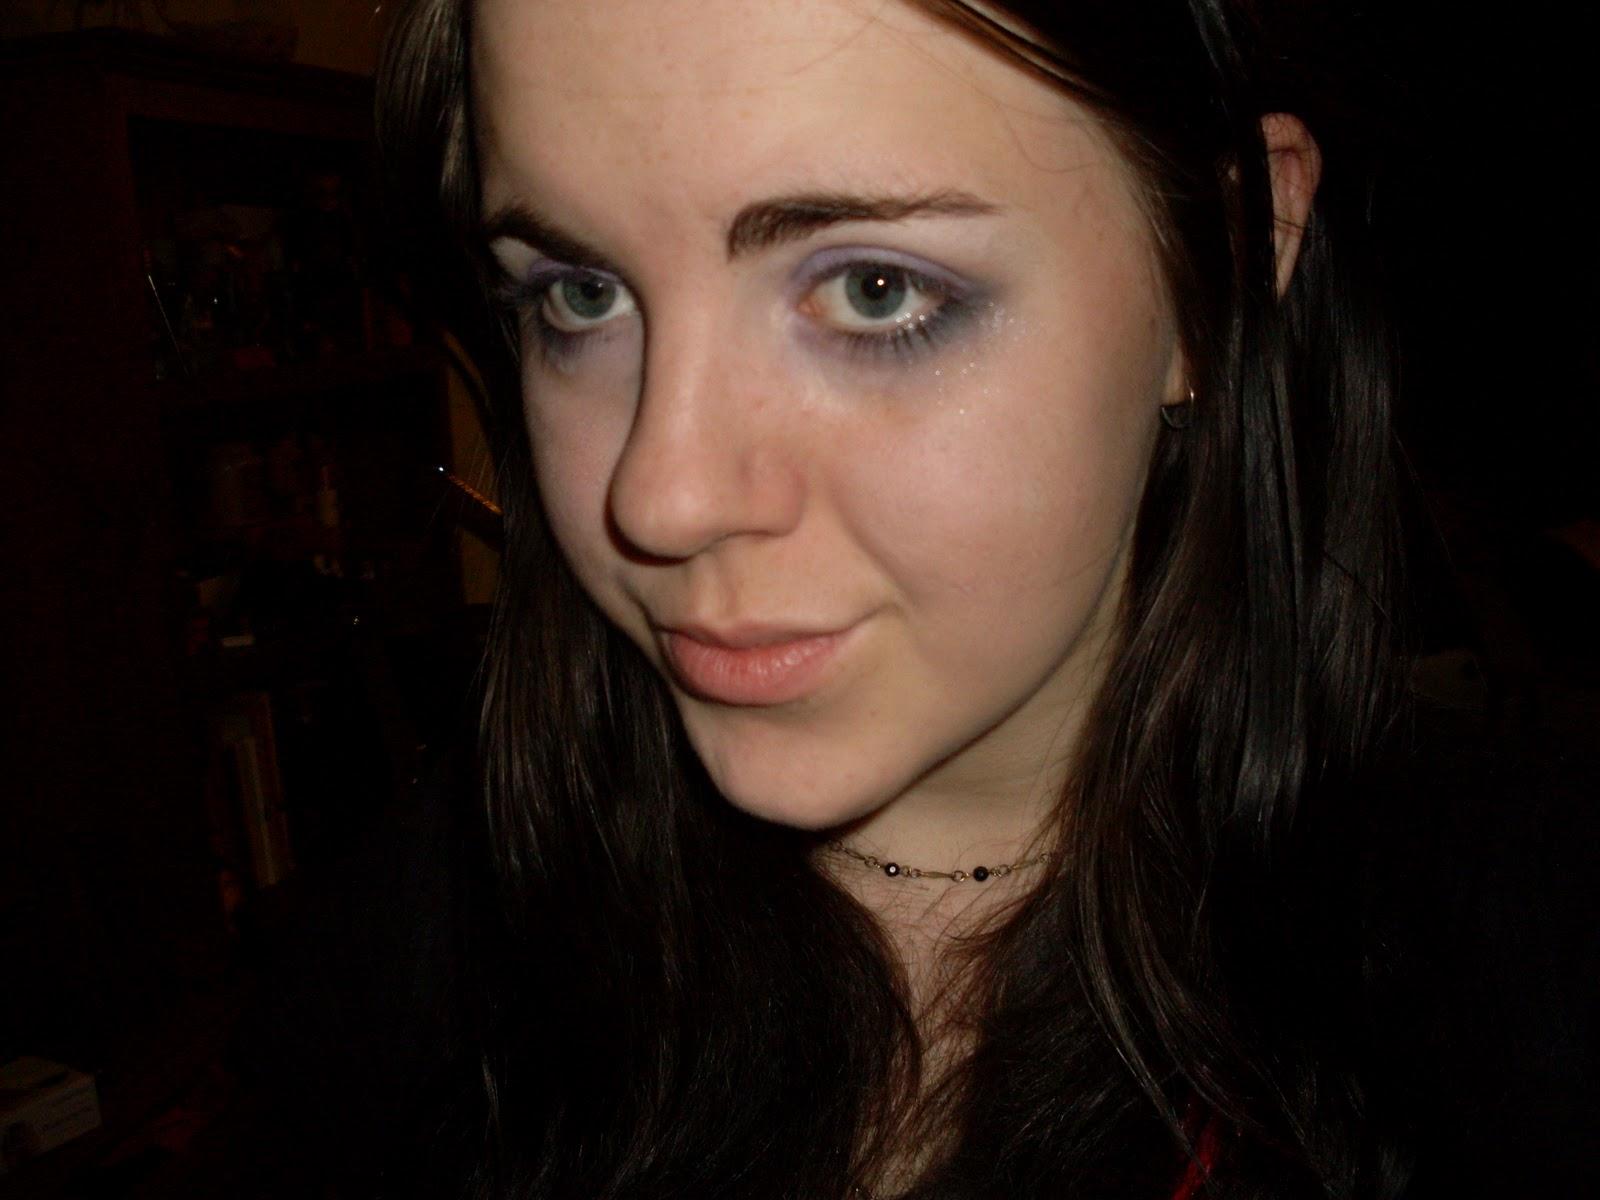 Gothic Princess Makeup Tutorial